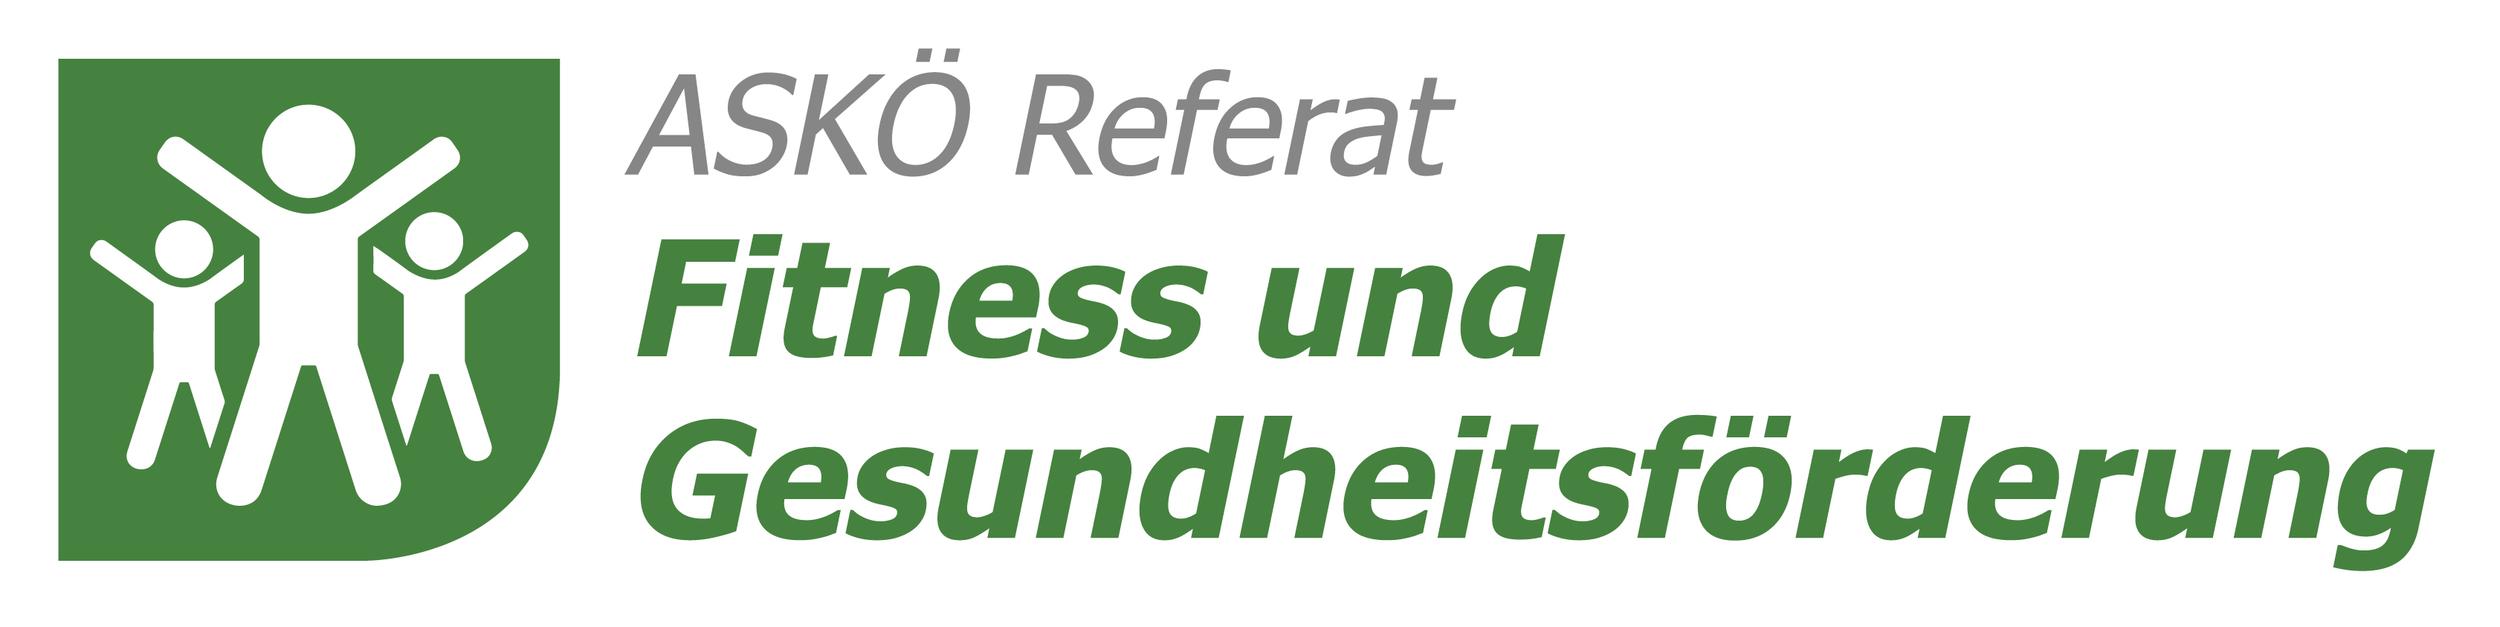 Austria Wien nach 2:0 bei Admira fix im Play-off | chad-manufacturing.com